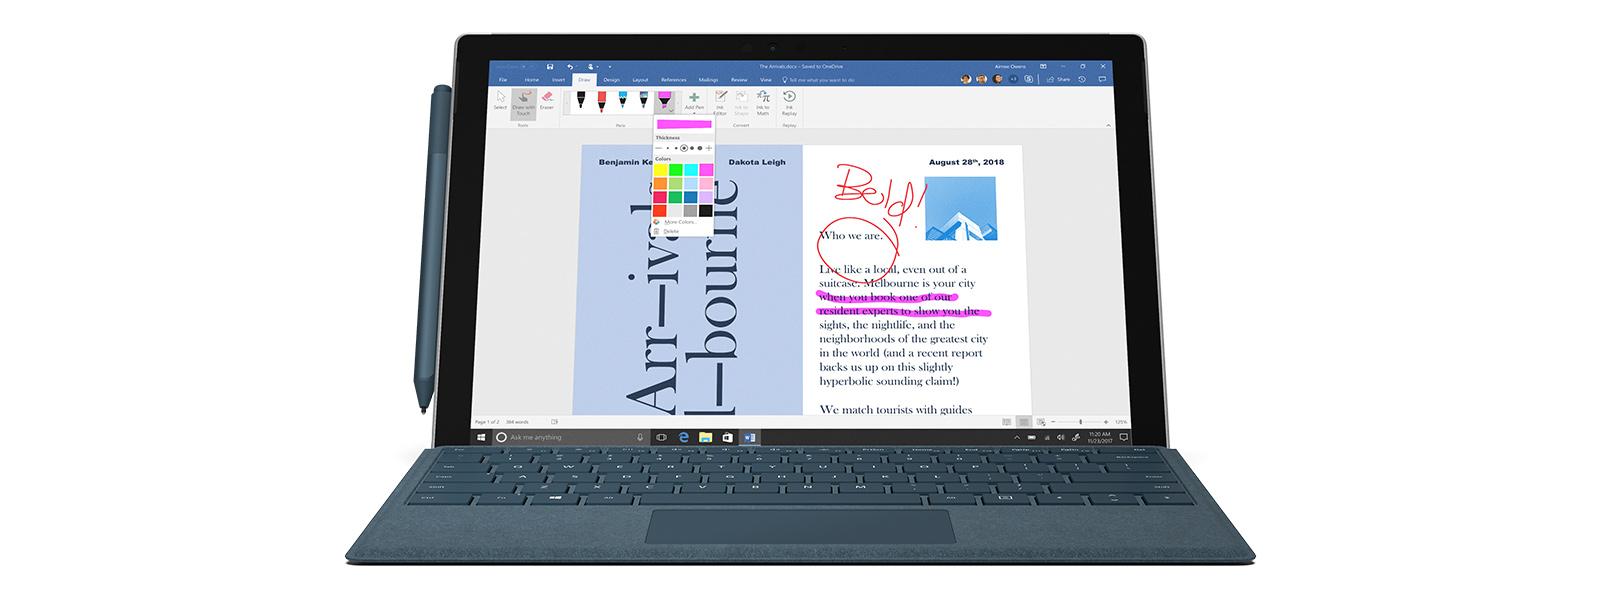 מכשיר Surface Pro מדגים סימון בדיו במסך של Paint 3D